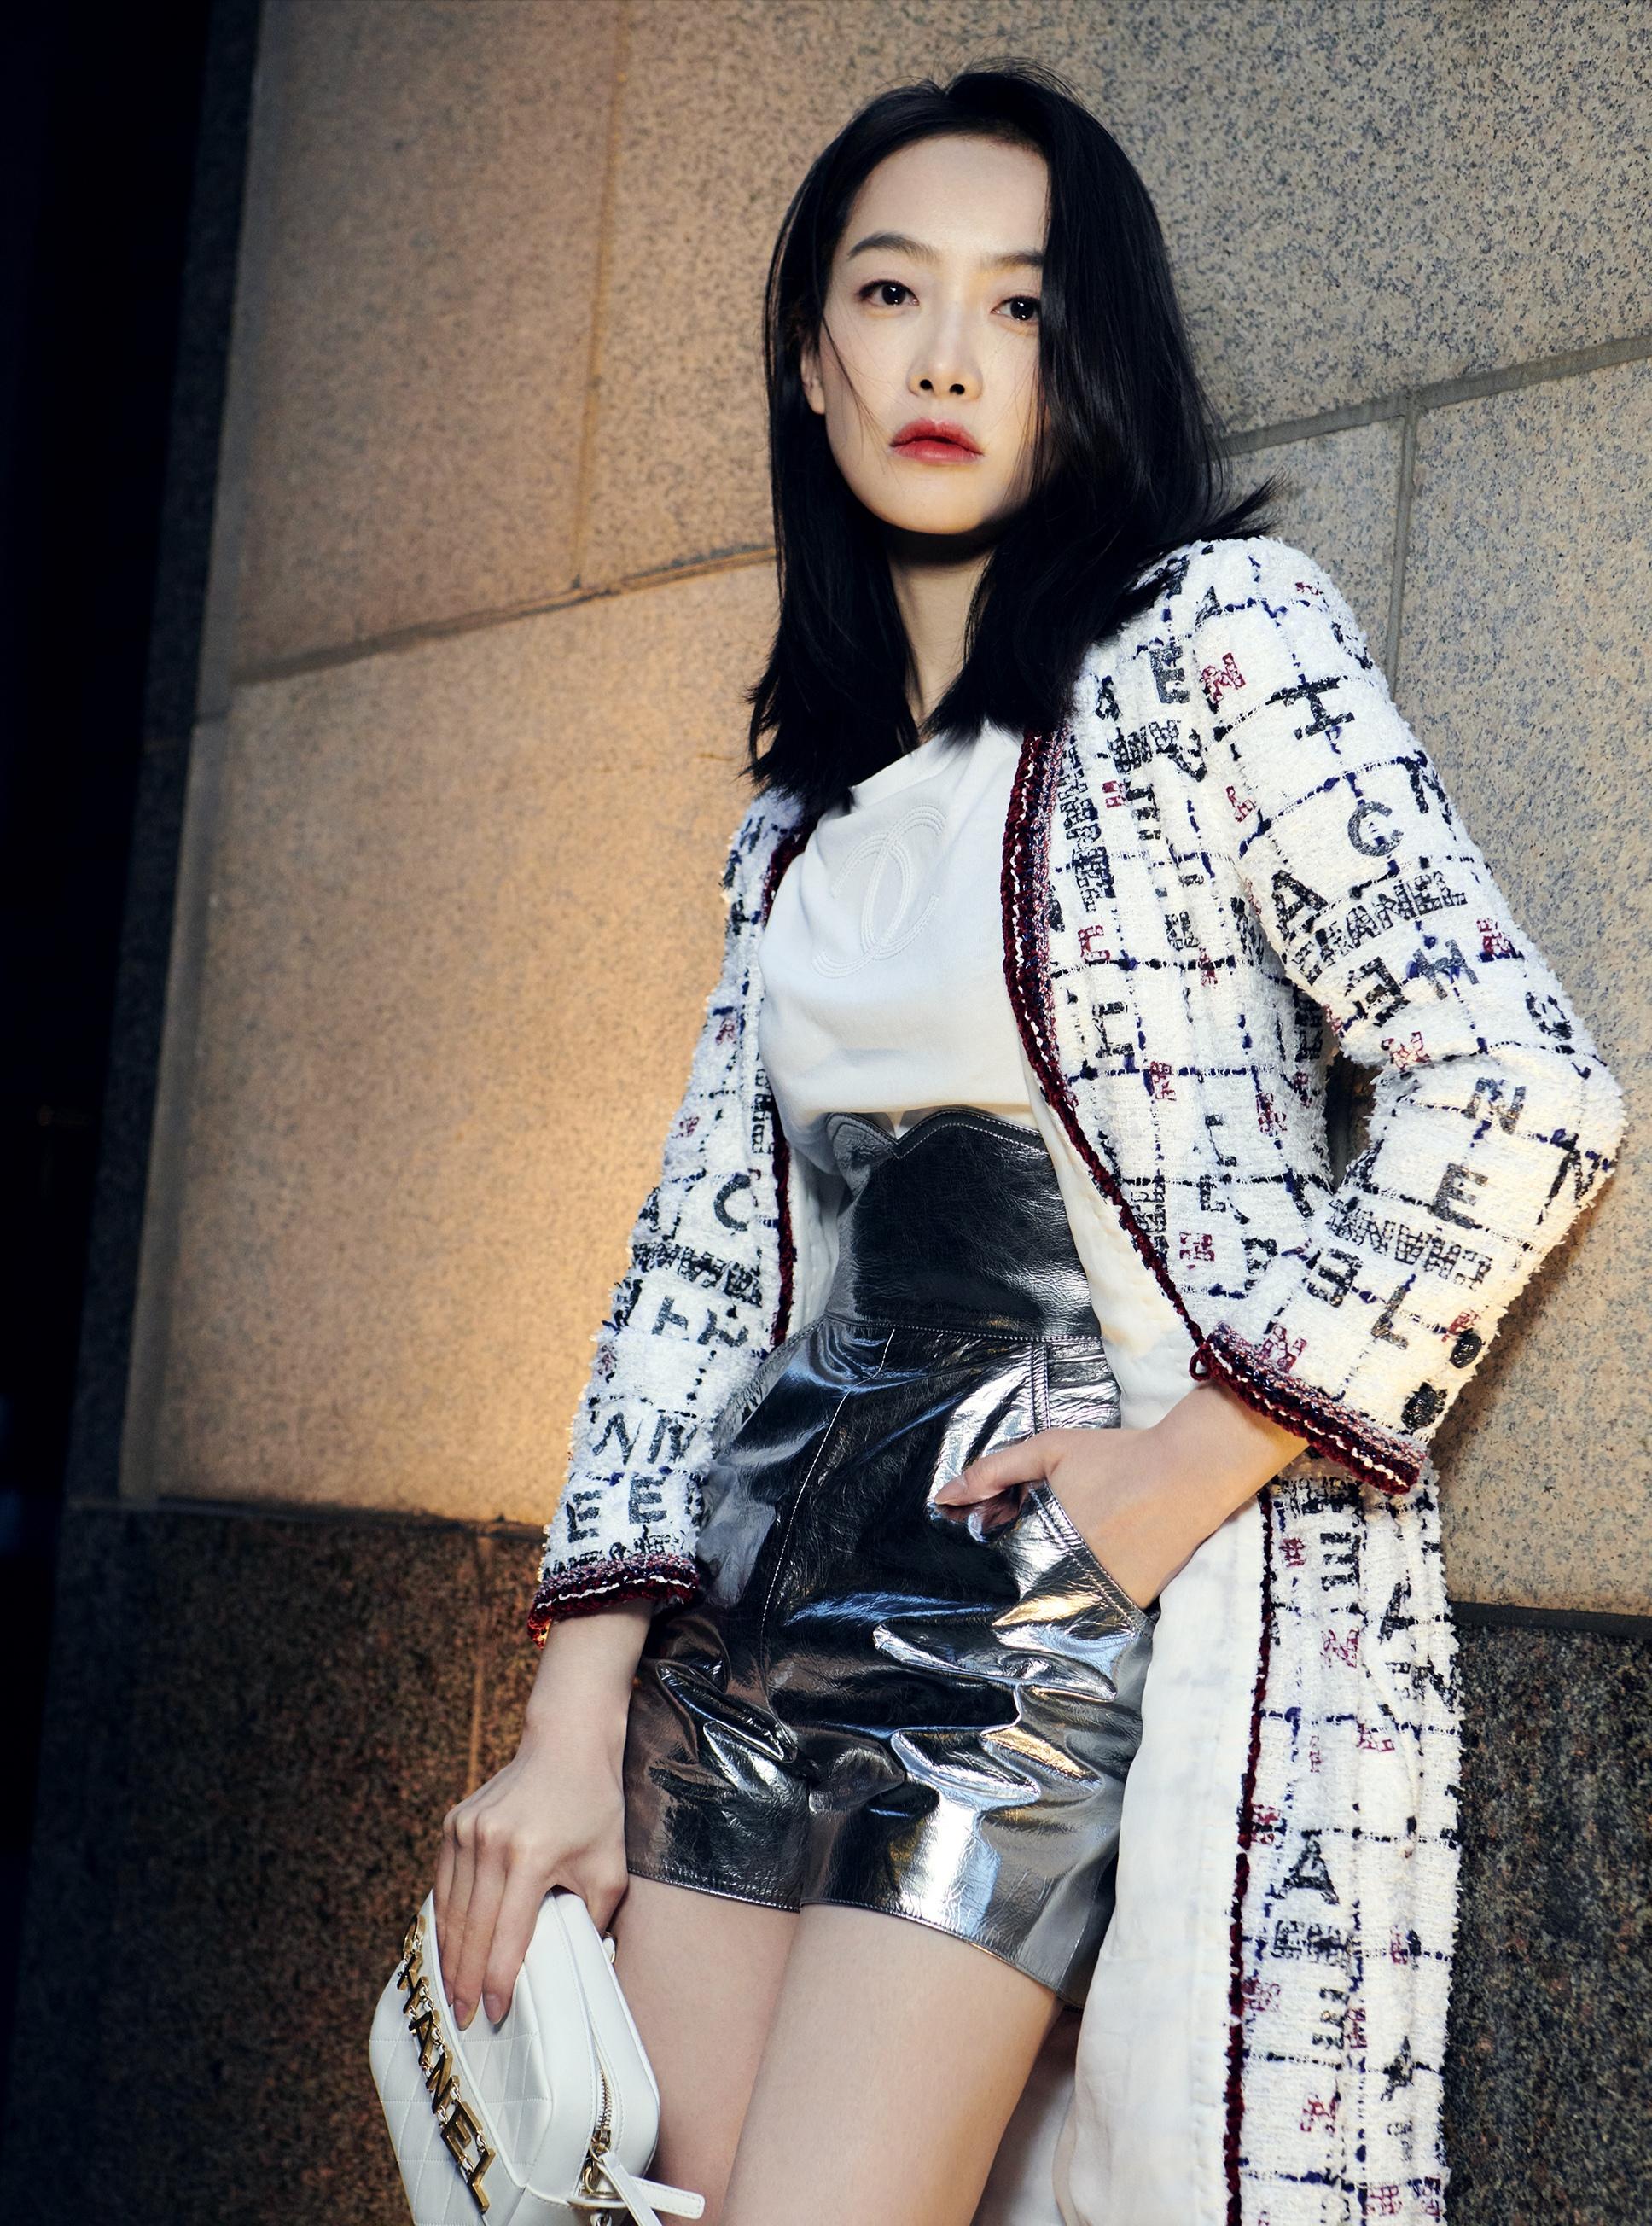 宋茜打造初秋气质装扮时尚优雅,朱一龙寸头造型配西装,帅气有型